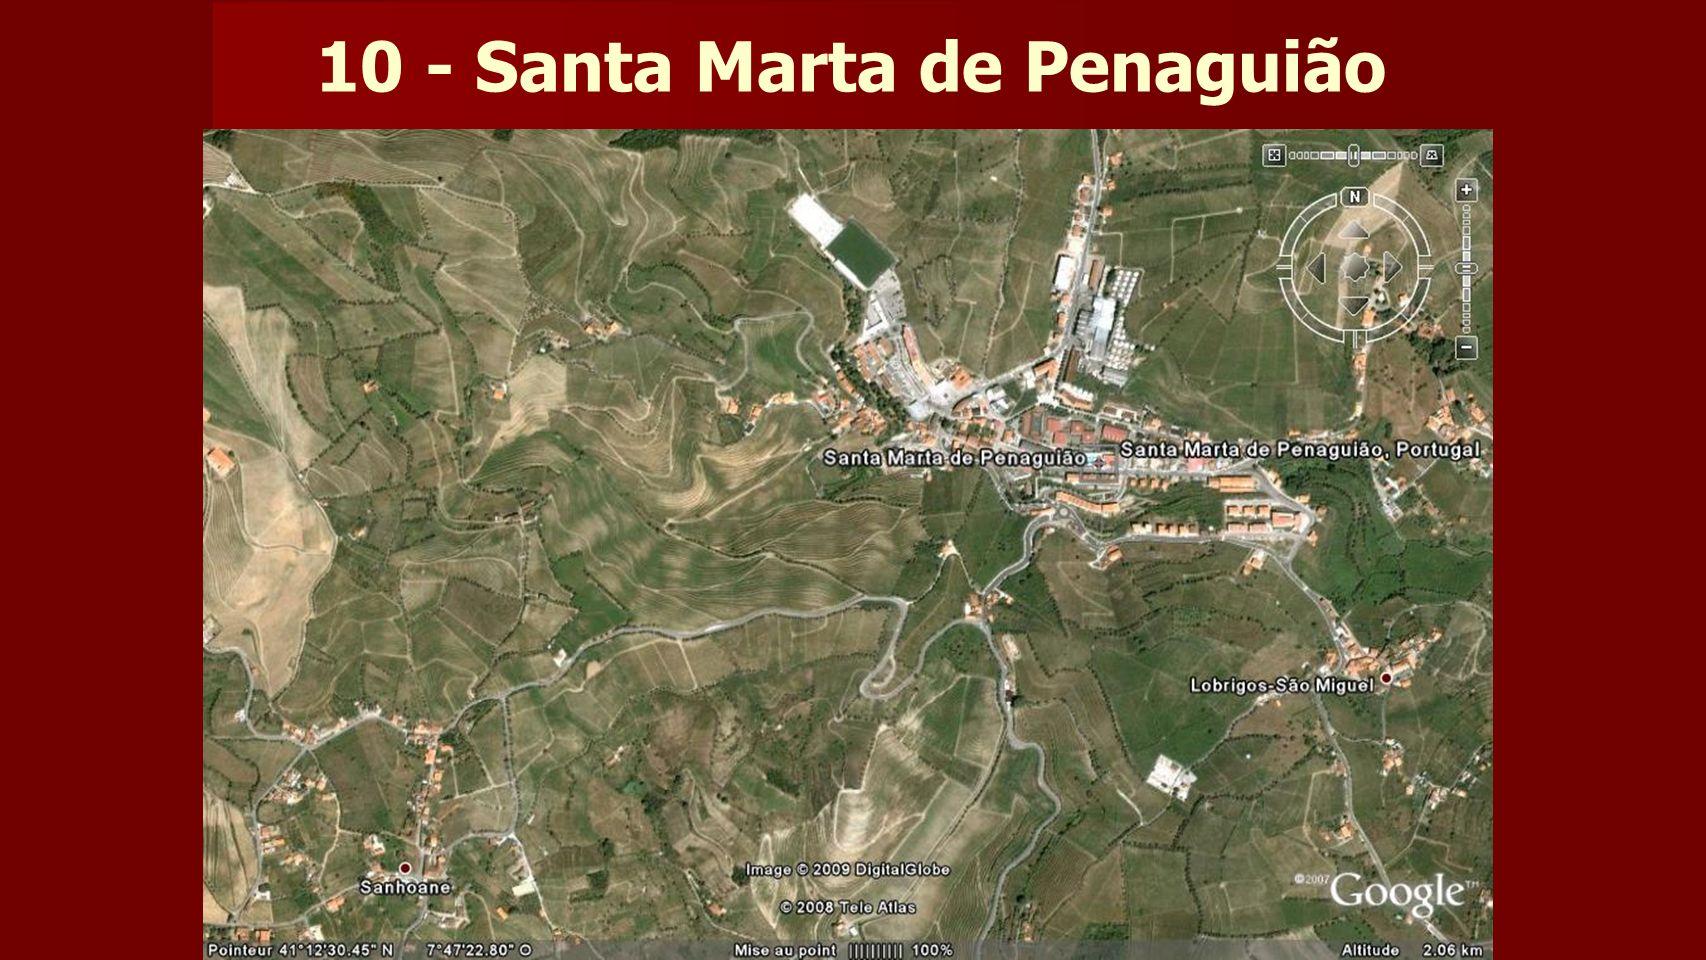 10 - Santa Marta de Penaguião